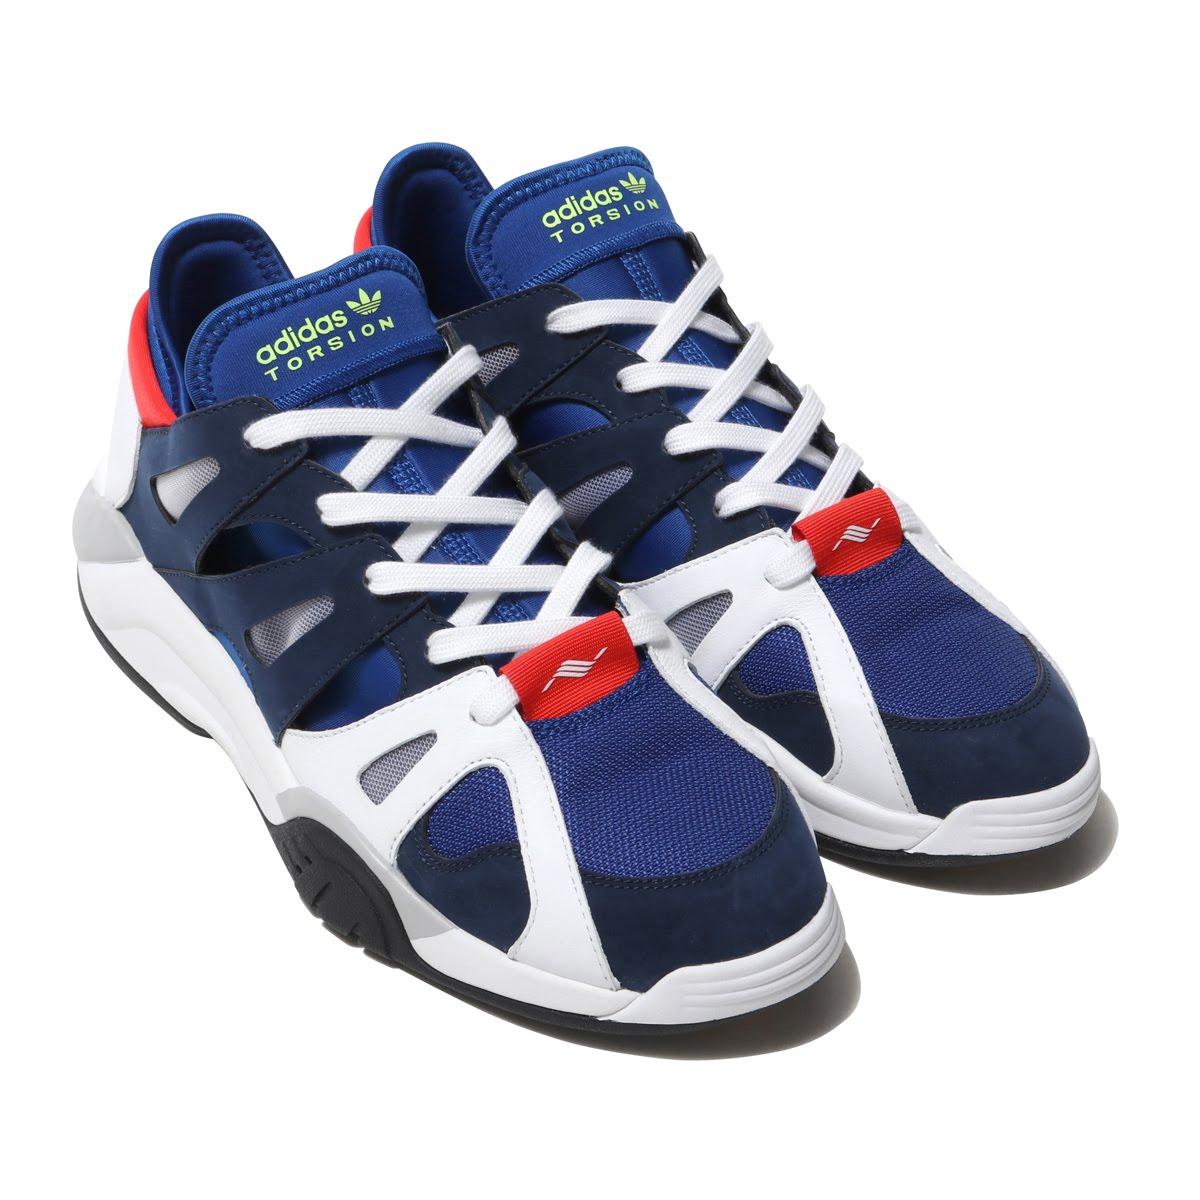 adidas Originals DIMENSION LO(アディダスオリジナルス ディメンション ロー)COLLEGE ROYAL/COLLEGE NAVY/RUNNING WHITE【メンズ レディース スニーカー】19SS-I